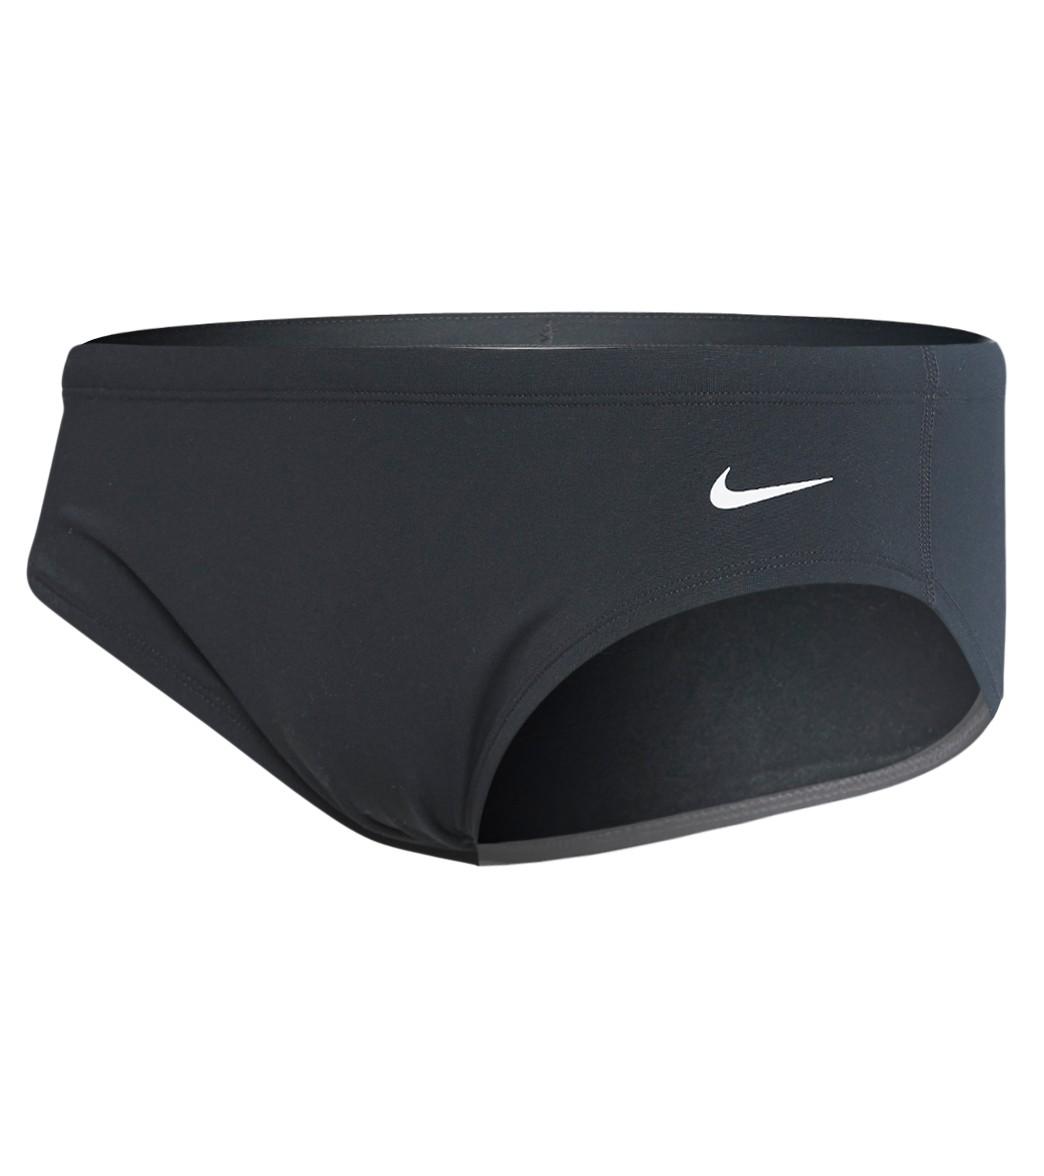 Prima caloría Espectador  Nike Men's HydraStrong Solid Brief Swimsuit at SwimOutlet.com